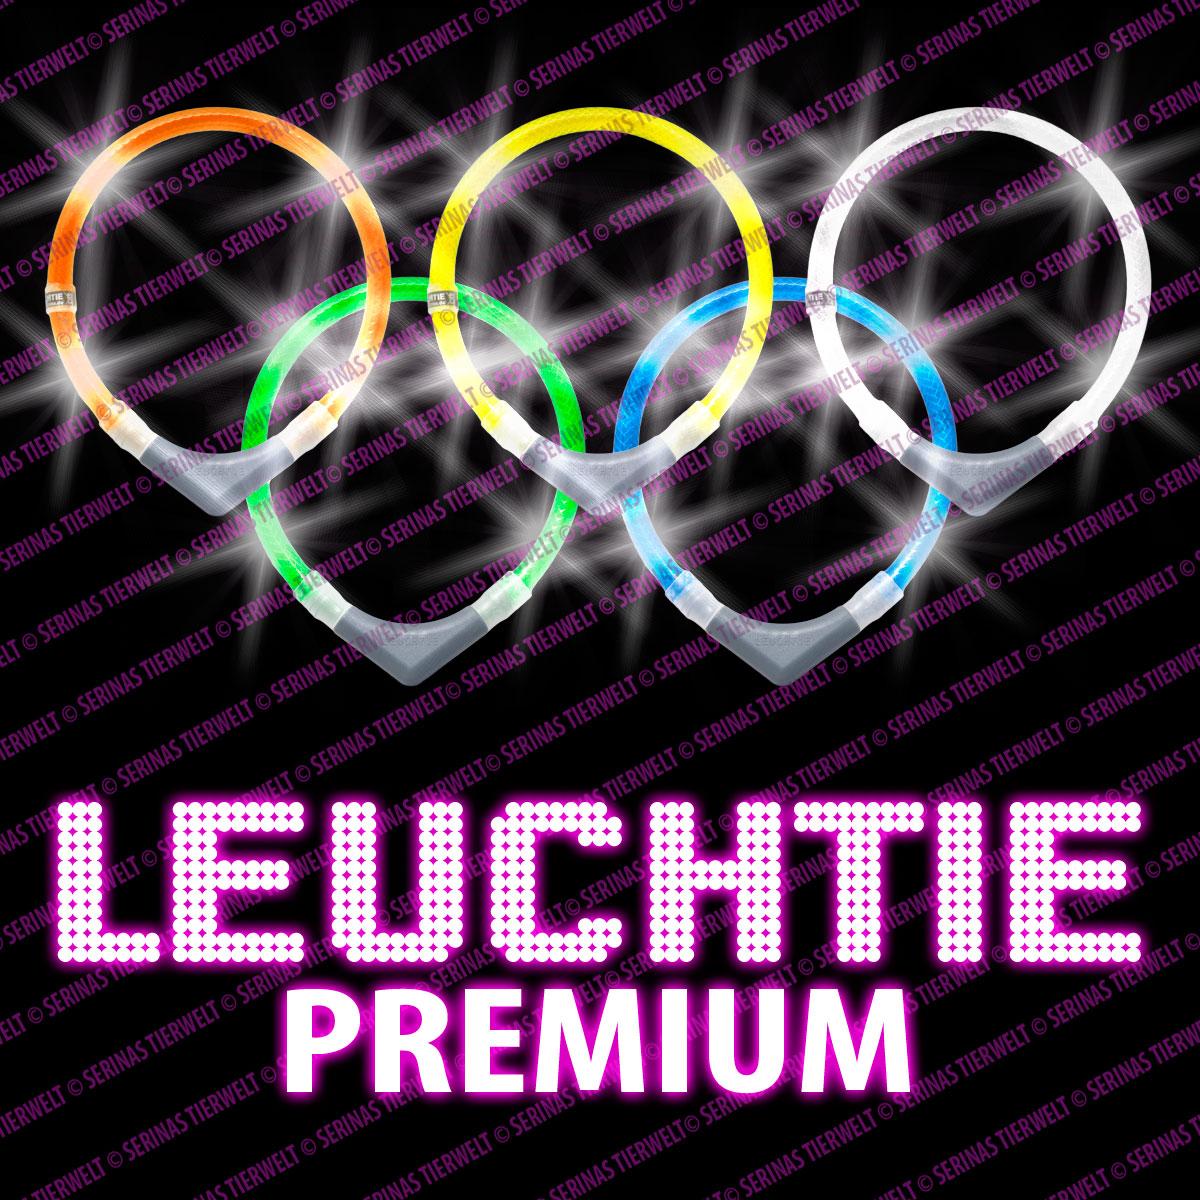 Leuchtie-Premium-Leuchthalsband-Hunde-Leuchthalsband